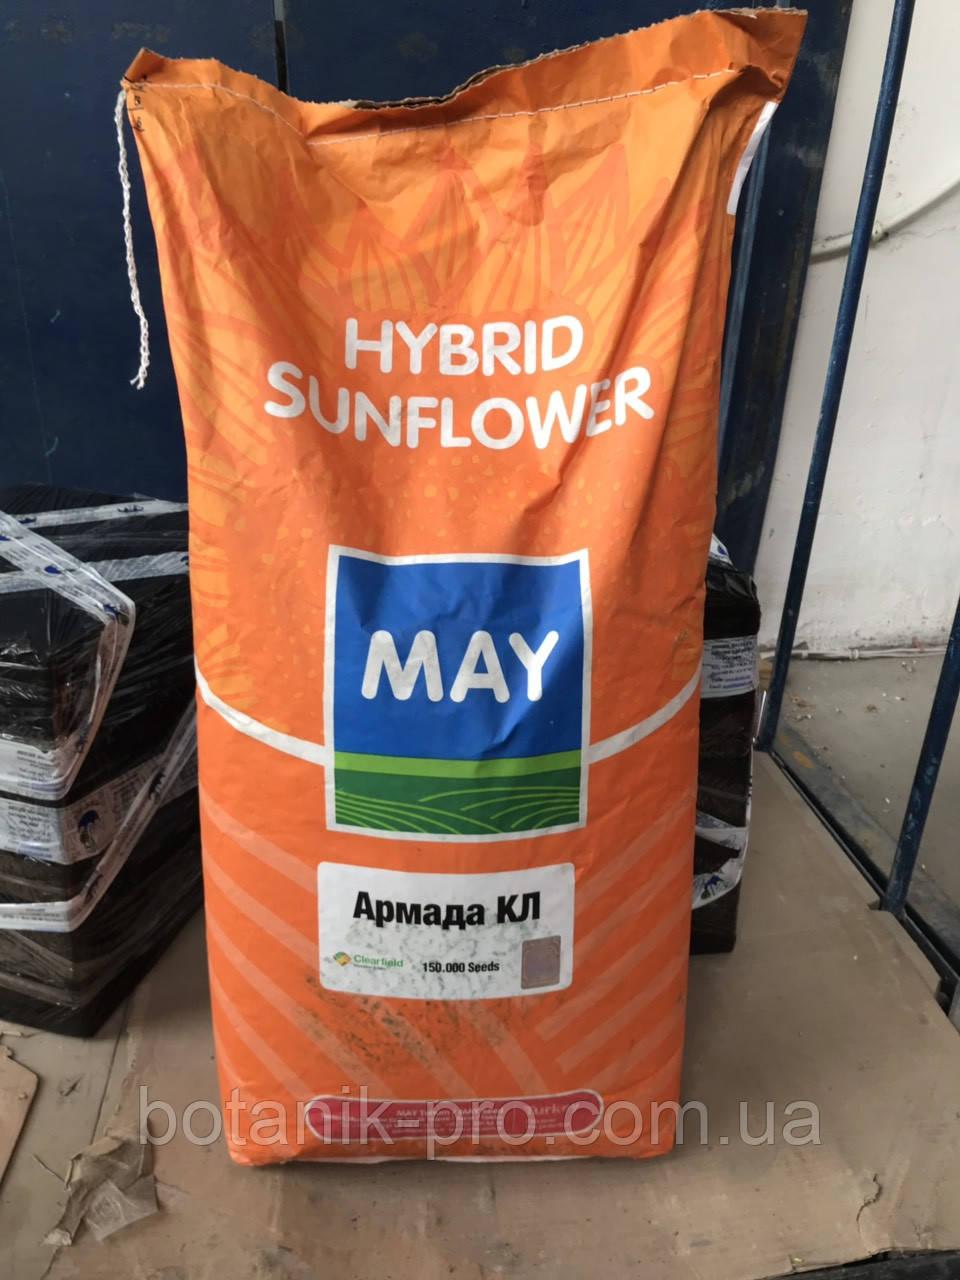 Семена подсолнечника Армада под Евролайтнинг